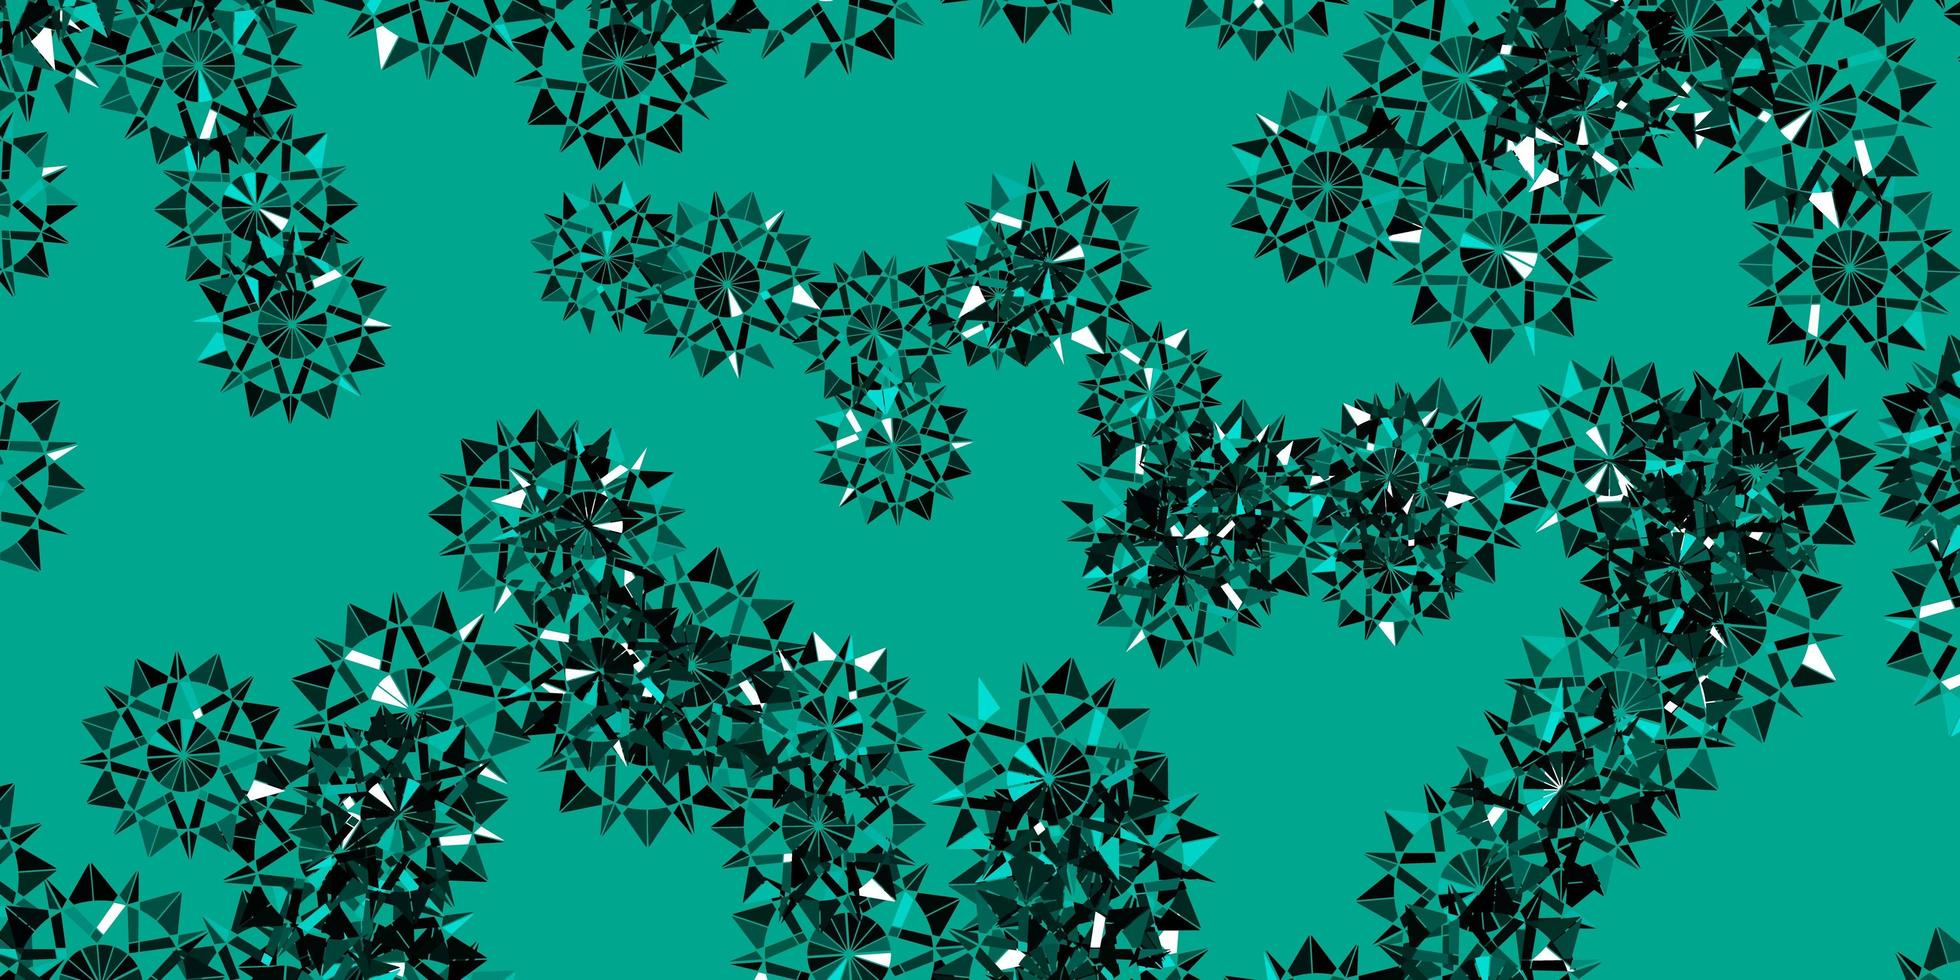 luz de fundo verde vetor com flocos de neve de Natal.